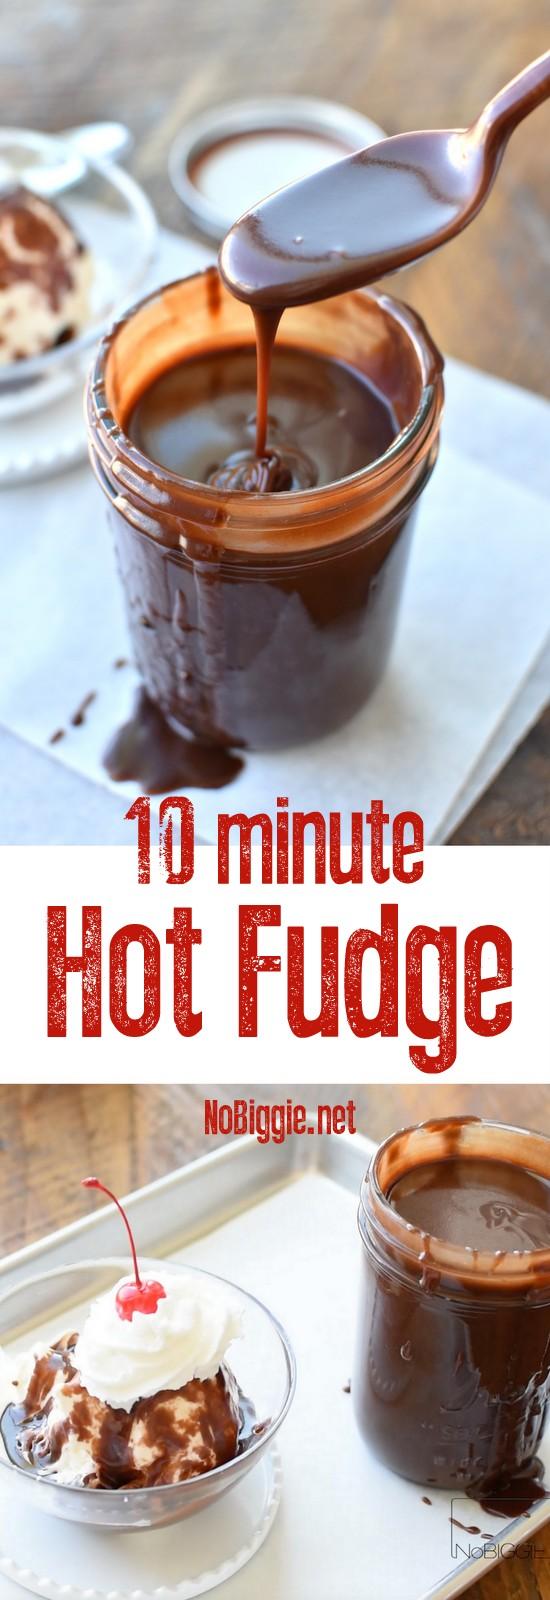 10 Minute Homemade Hot Fudge | NoBiggie.net